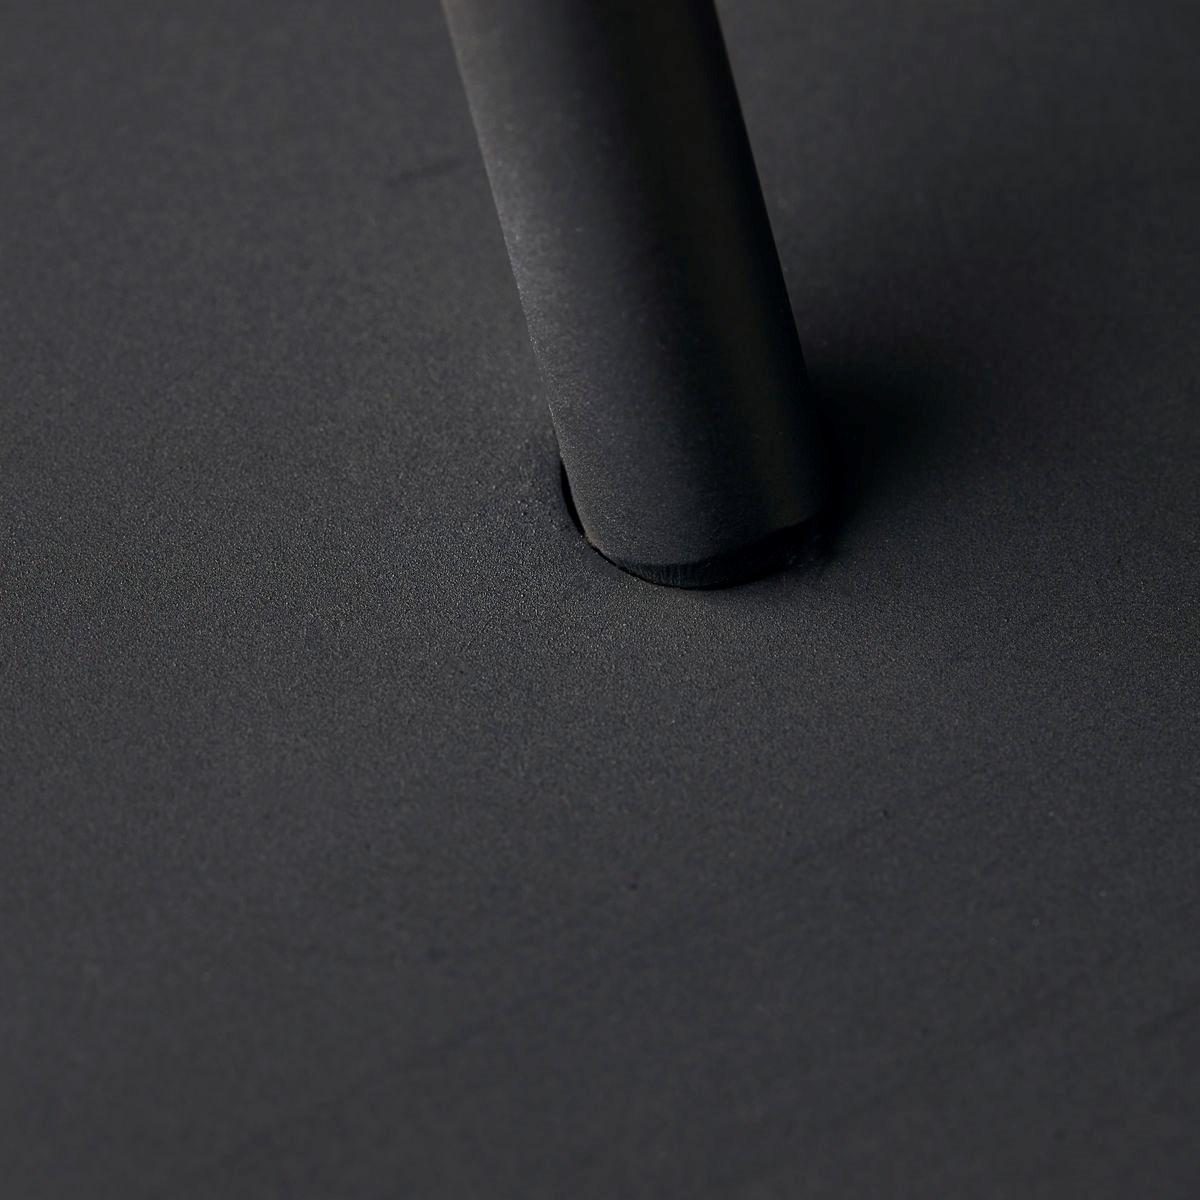 Věšák MIRAJ 60 cm černý_3